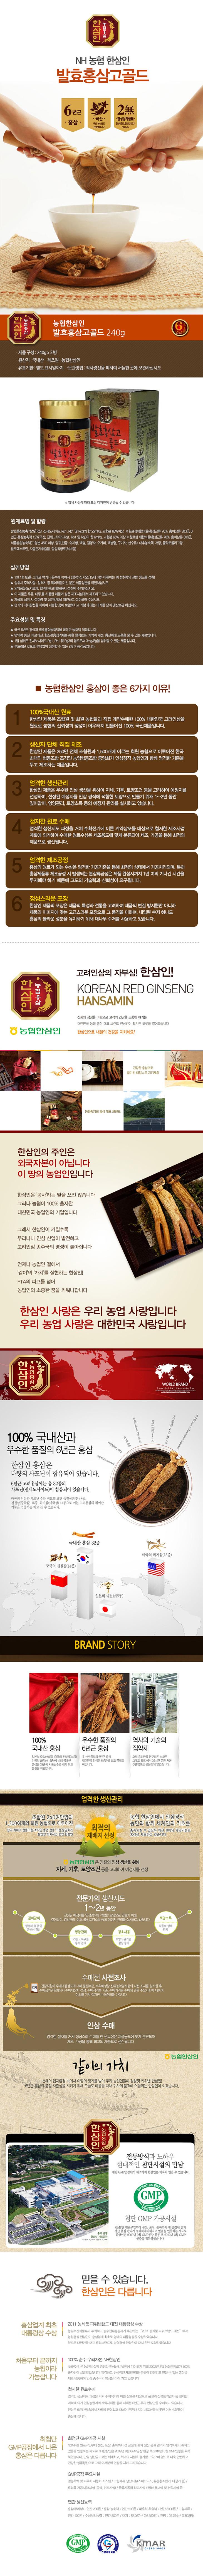 NH_go_gold_info.jpg